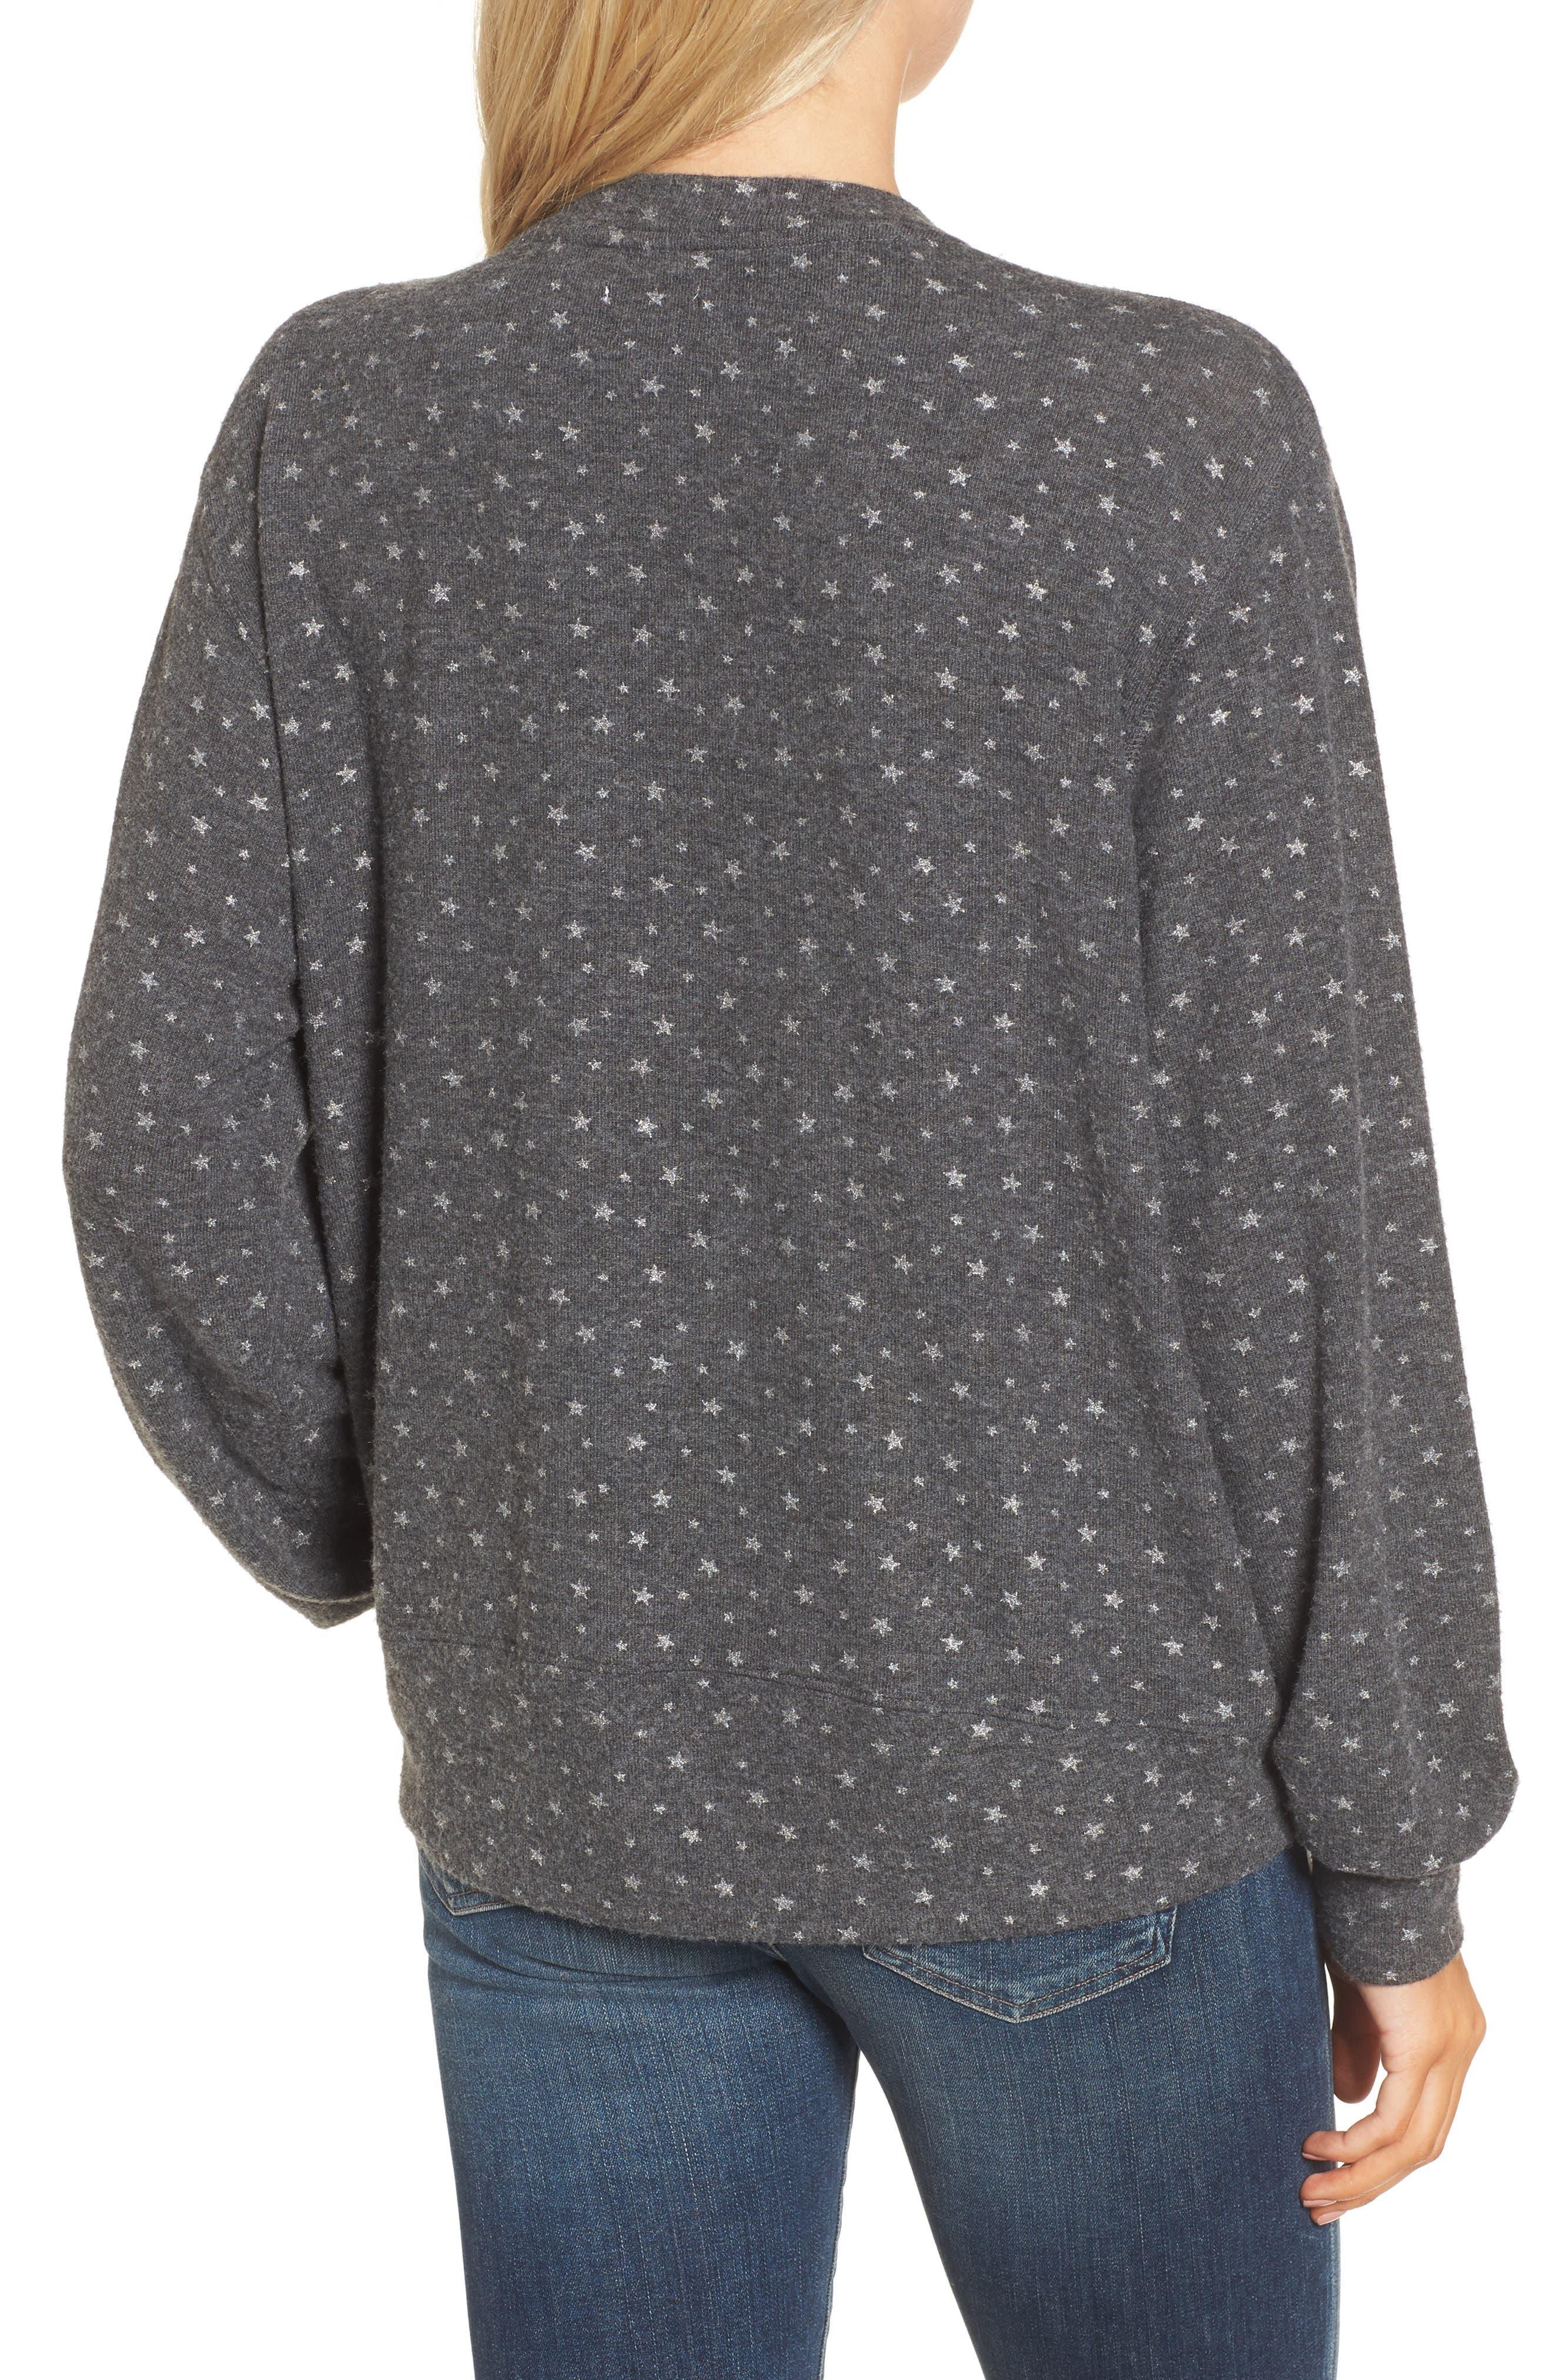 Sparkle Sweatshirt,                             Alternate thumbnail 2, color,                             020